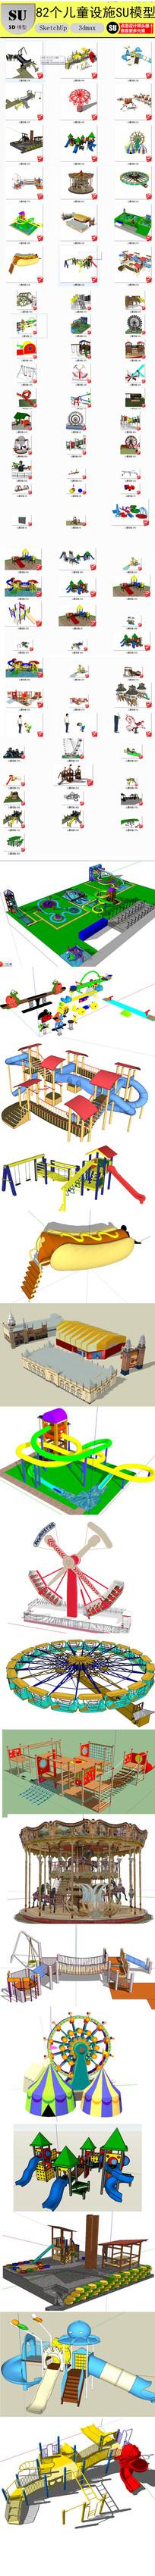 儿童游乐设施游乐场模型 skp